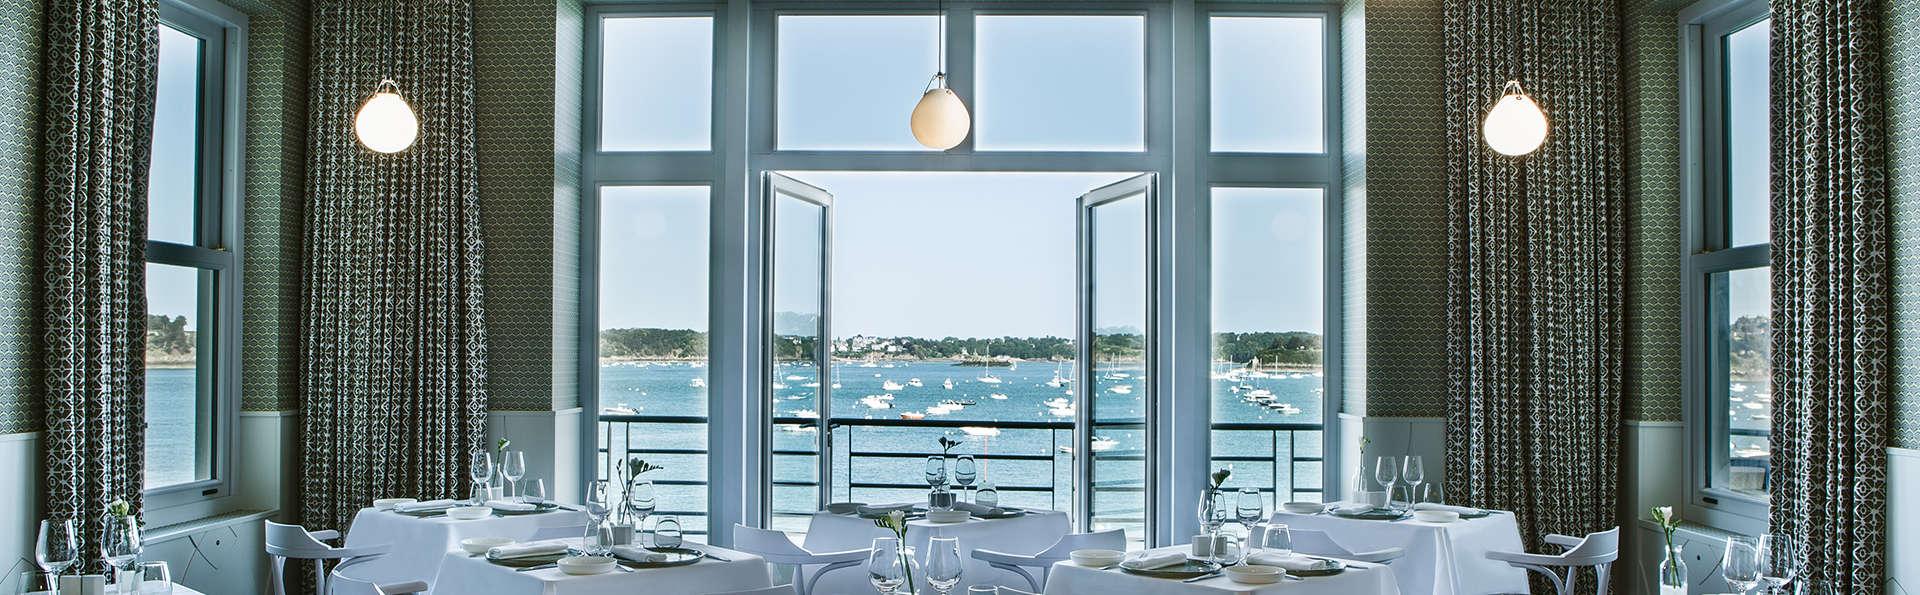 Le Choix De Sophie Dinard week end avec dîner dinard avec dîner 4 plats pour 2 adultes